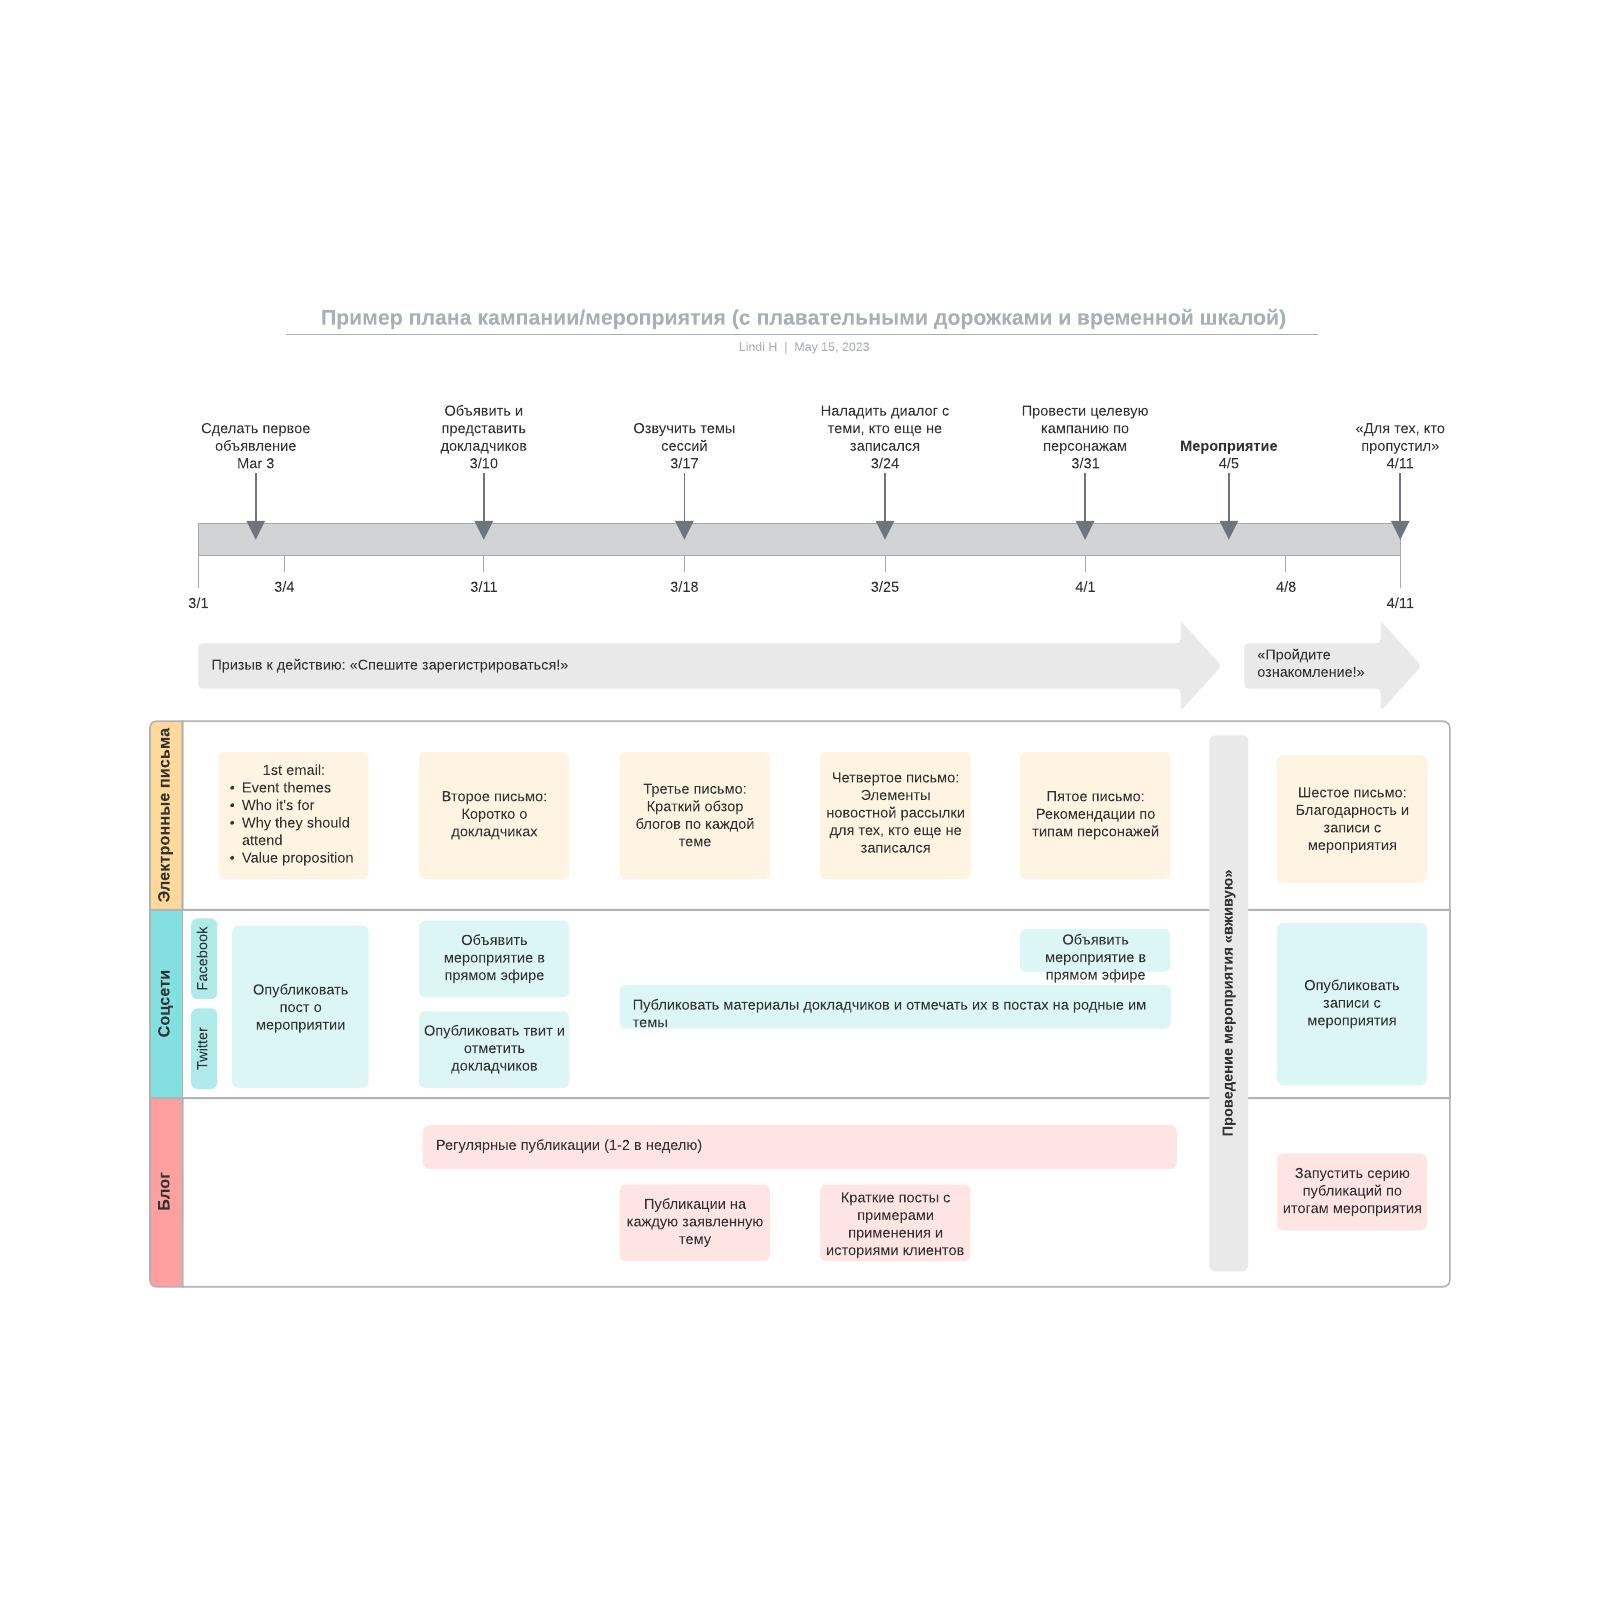 Пример плана кампании/мероприятия (с плавательными дорожками и временной шкалой)